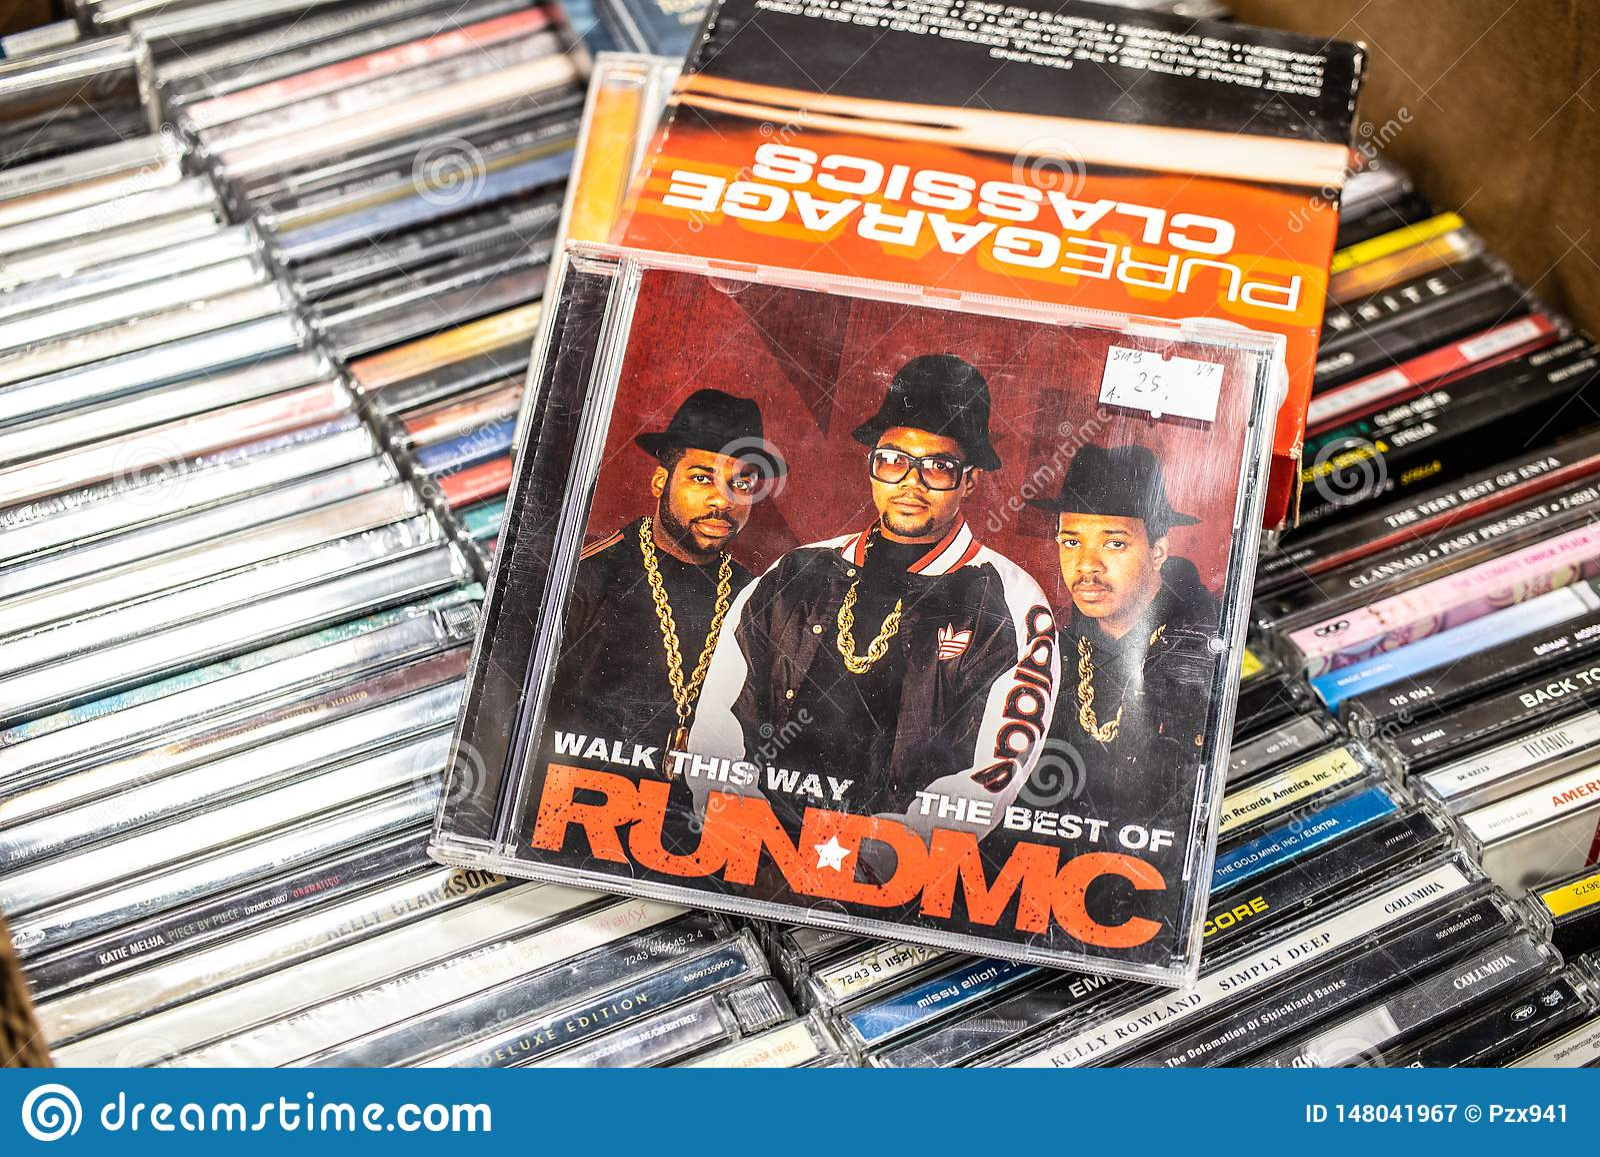 Biegający cd albumowy spacer ten sposób najlepszy pokaz dla sprzedaży na, sławna Amerykańska hip hop grupa